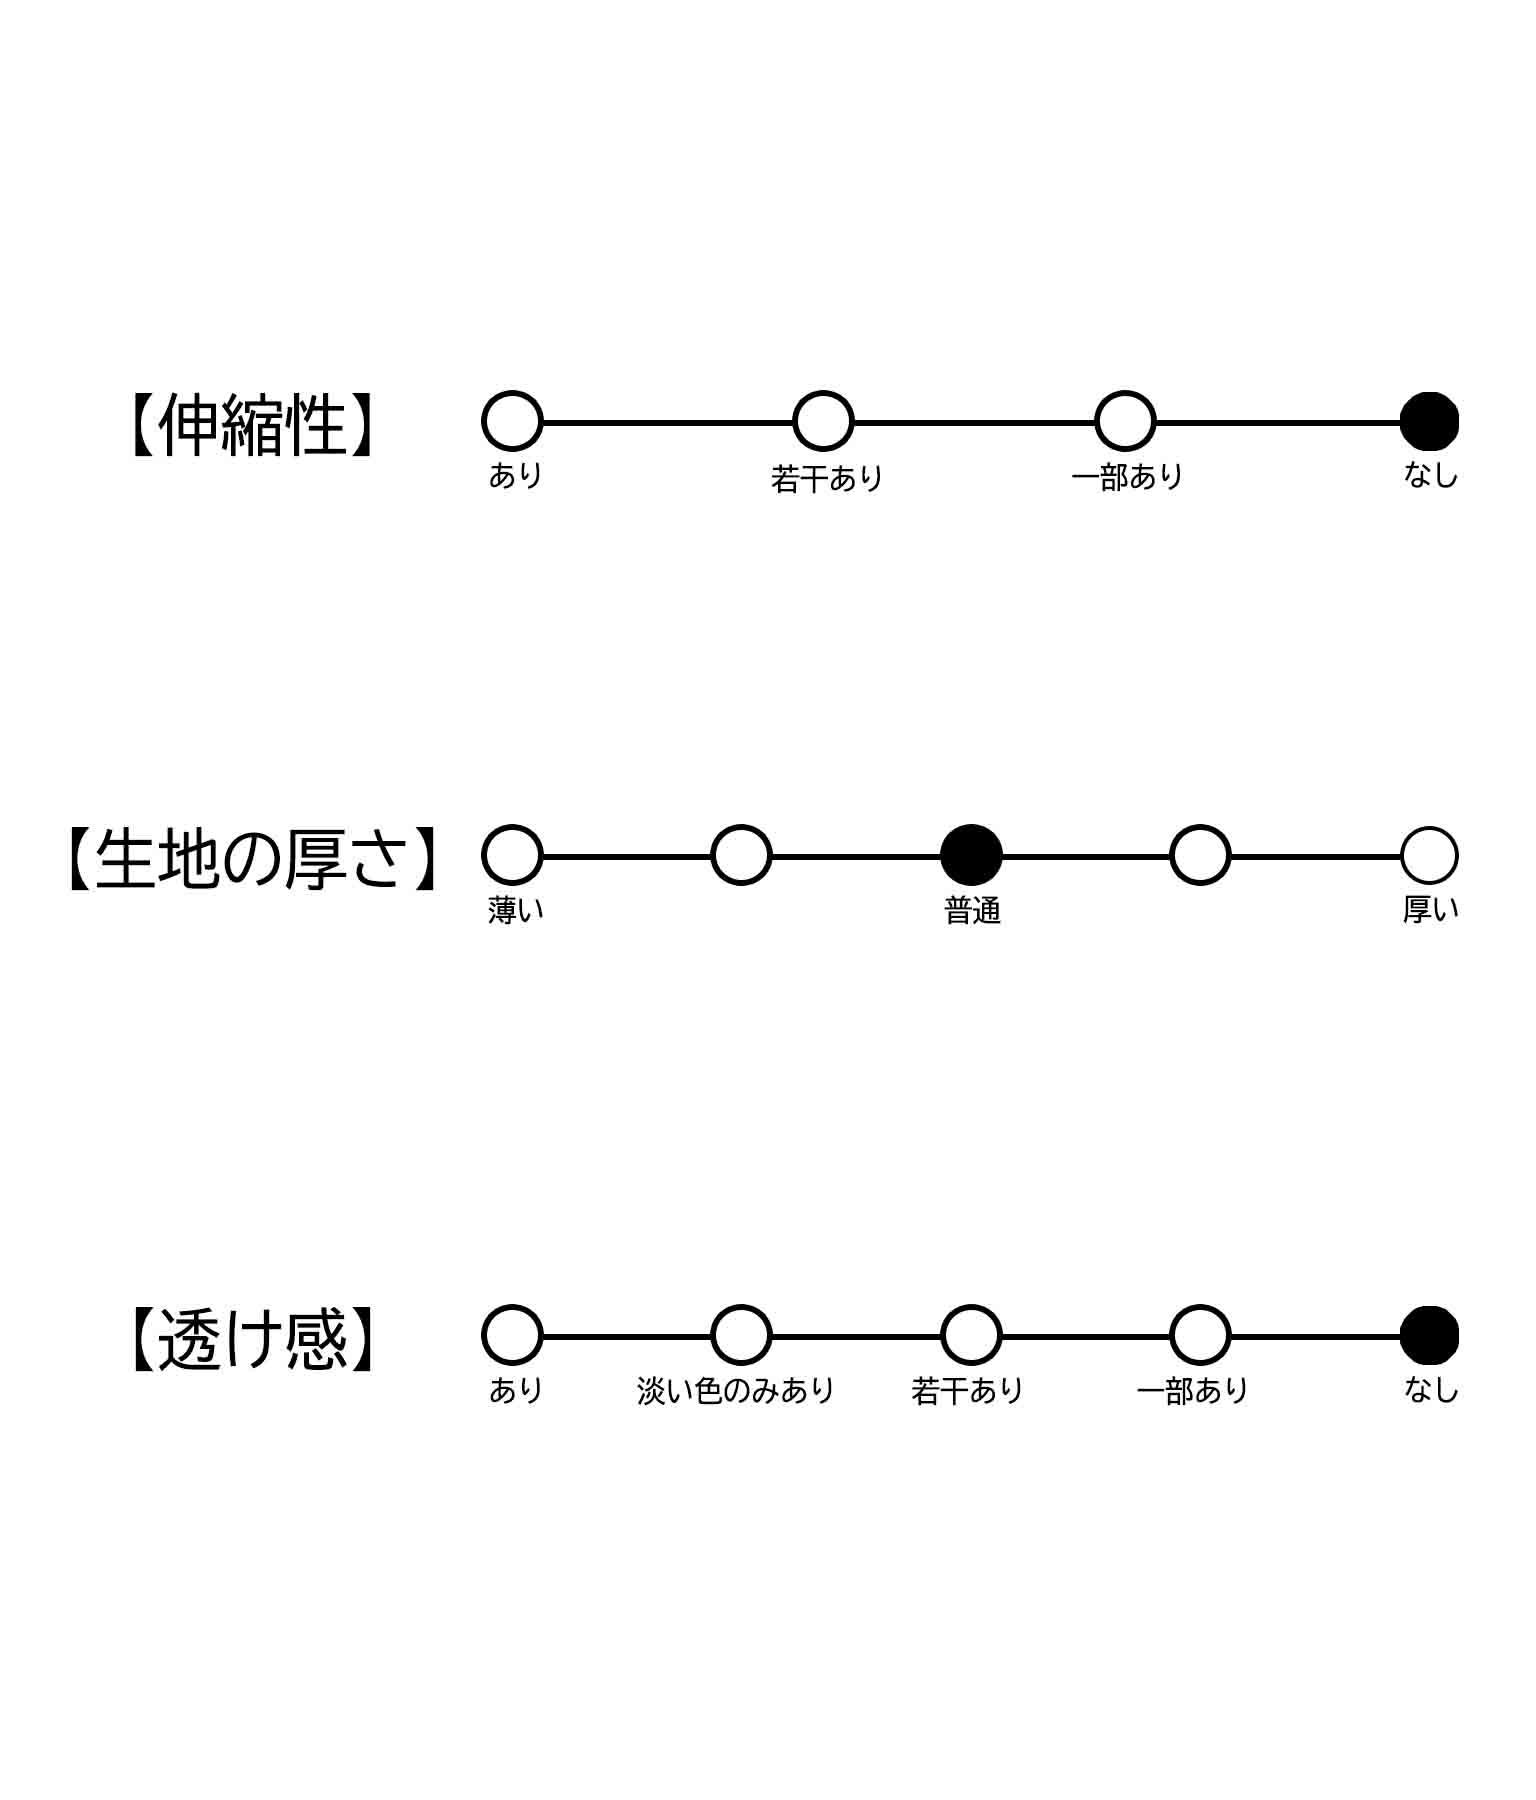 レザー風フレアロングスカート(ボトムス・パンツ /スカート) | CHILLE